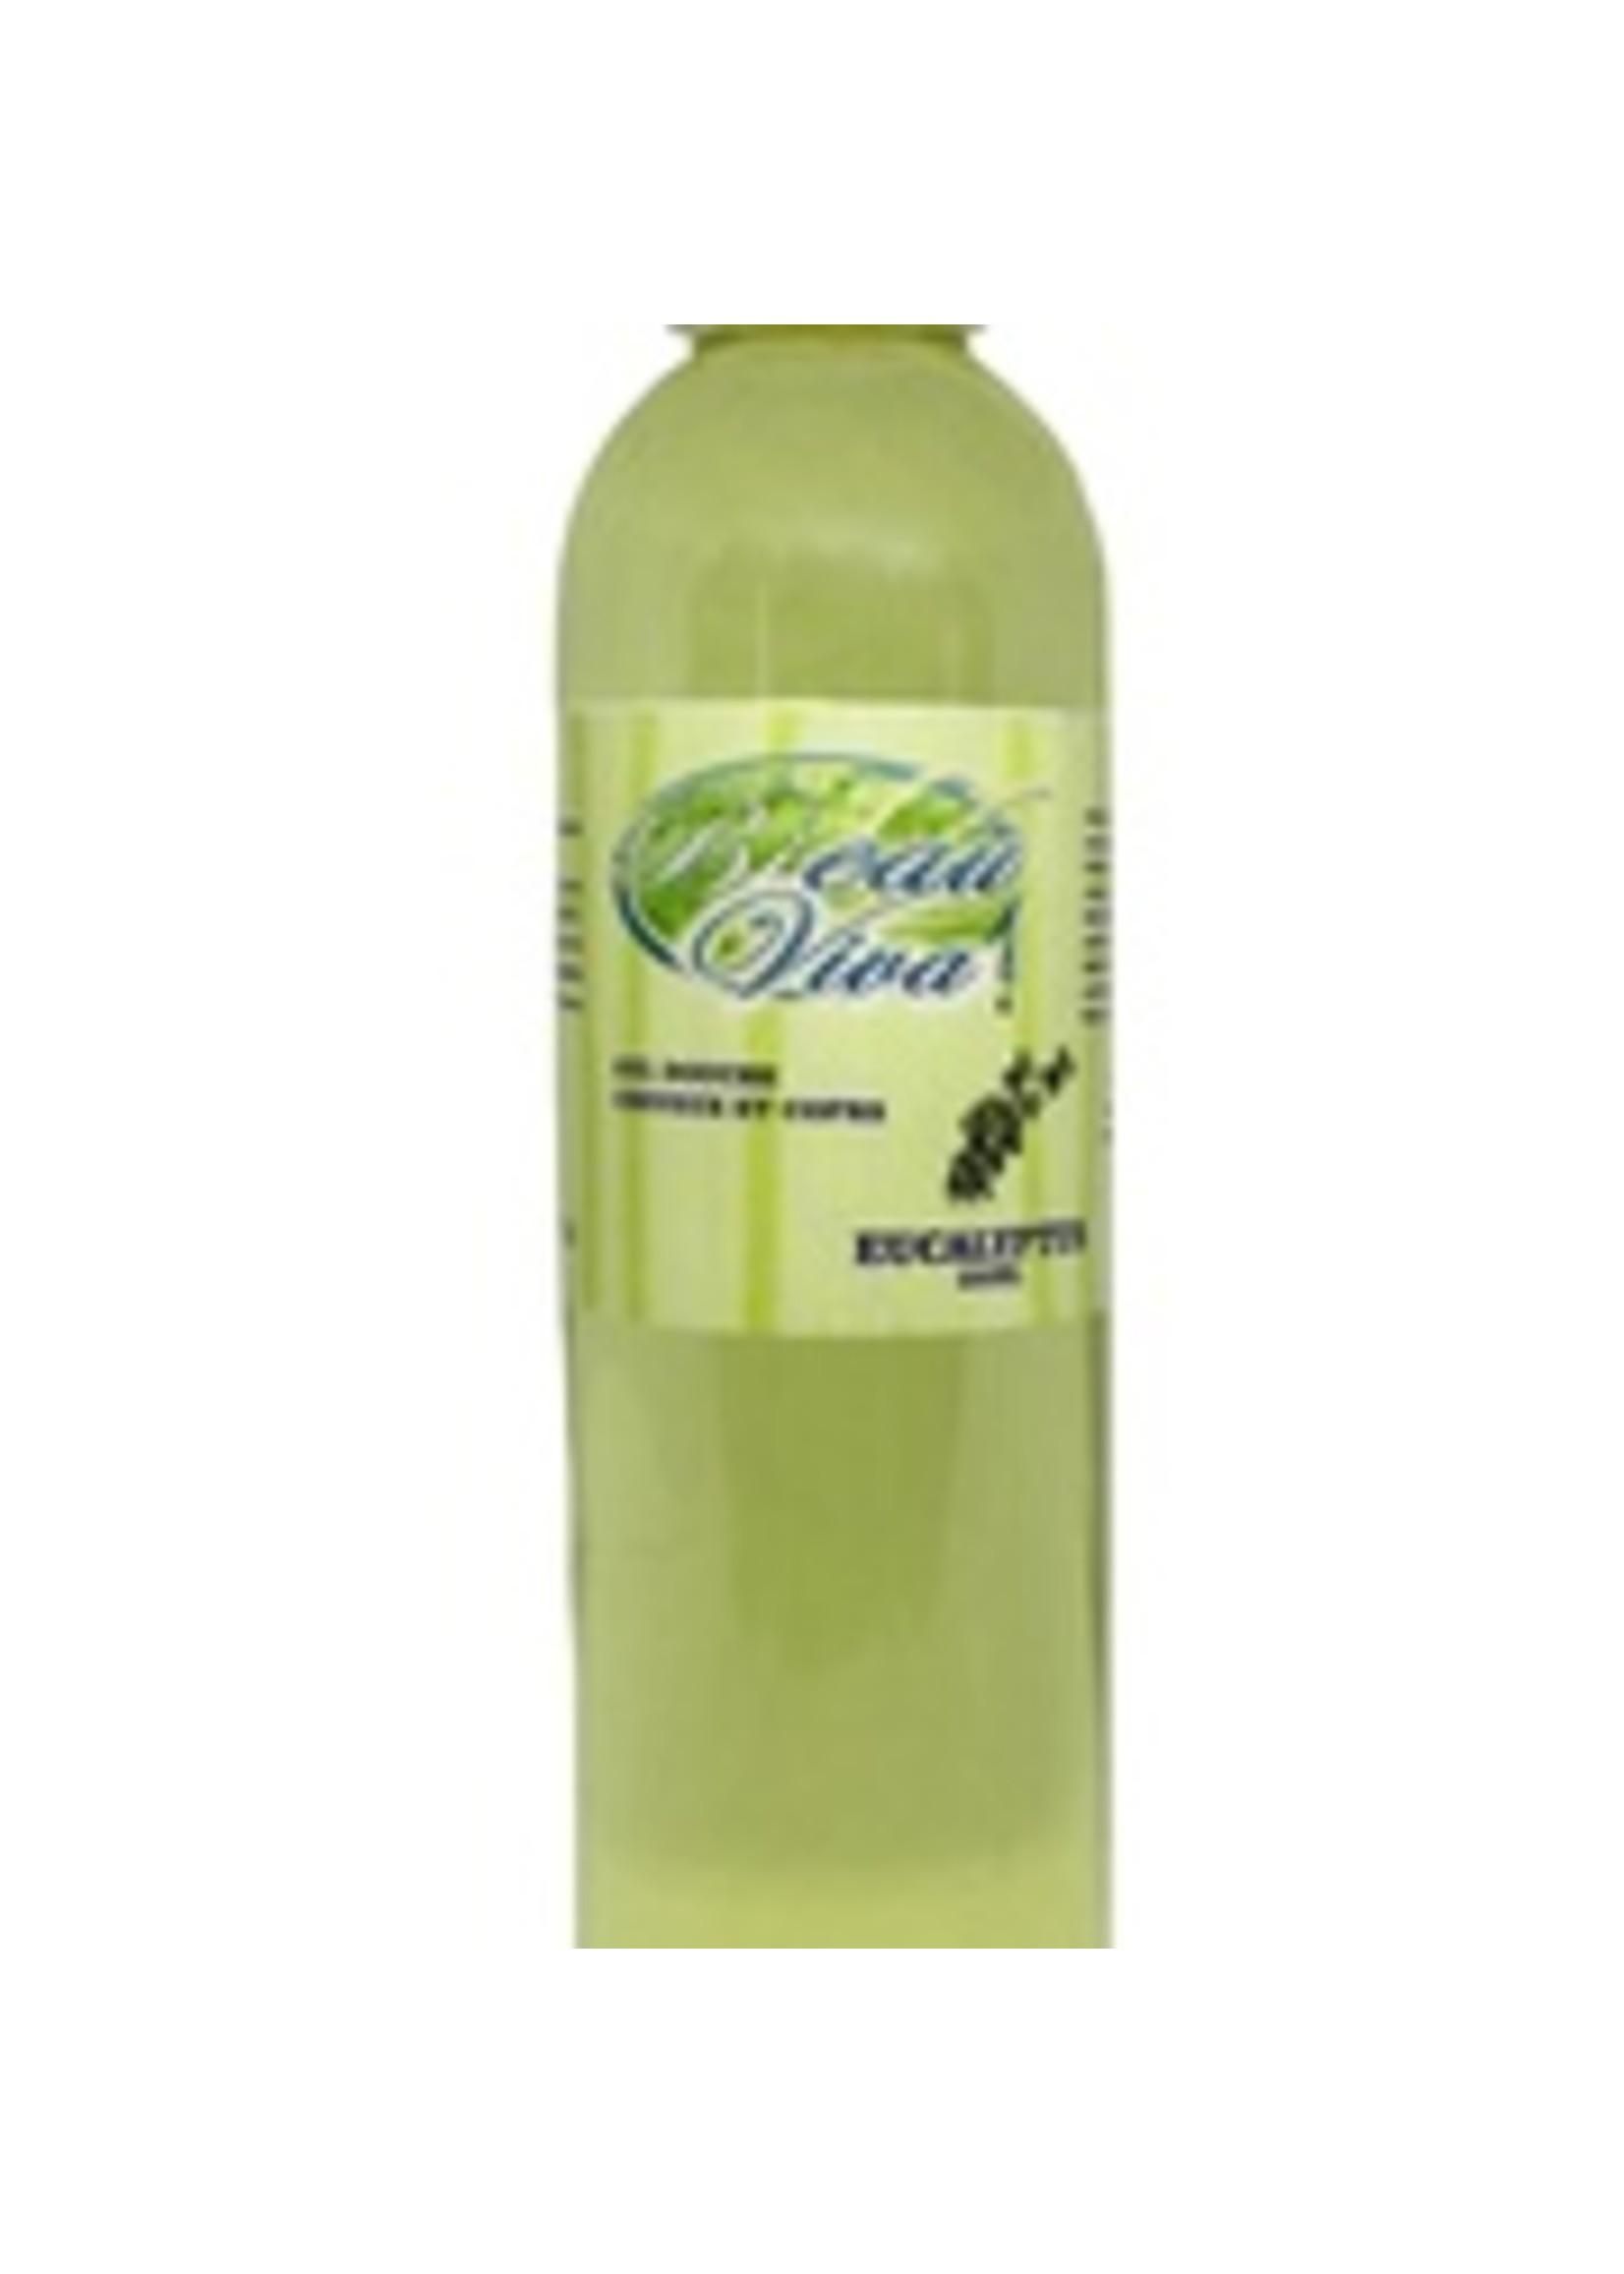 Bieau Viva Gel douche corps et cheveux eucalyptus 250 ml, Lab. Héloïse